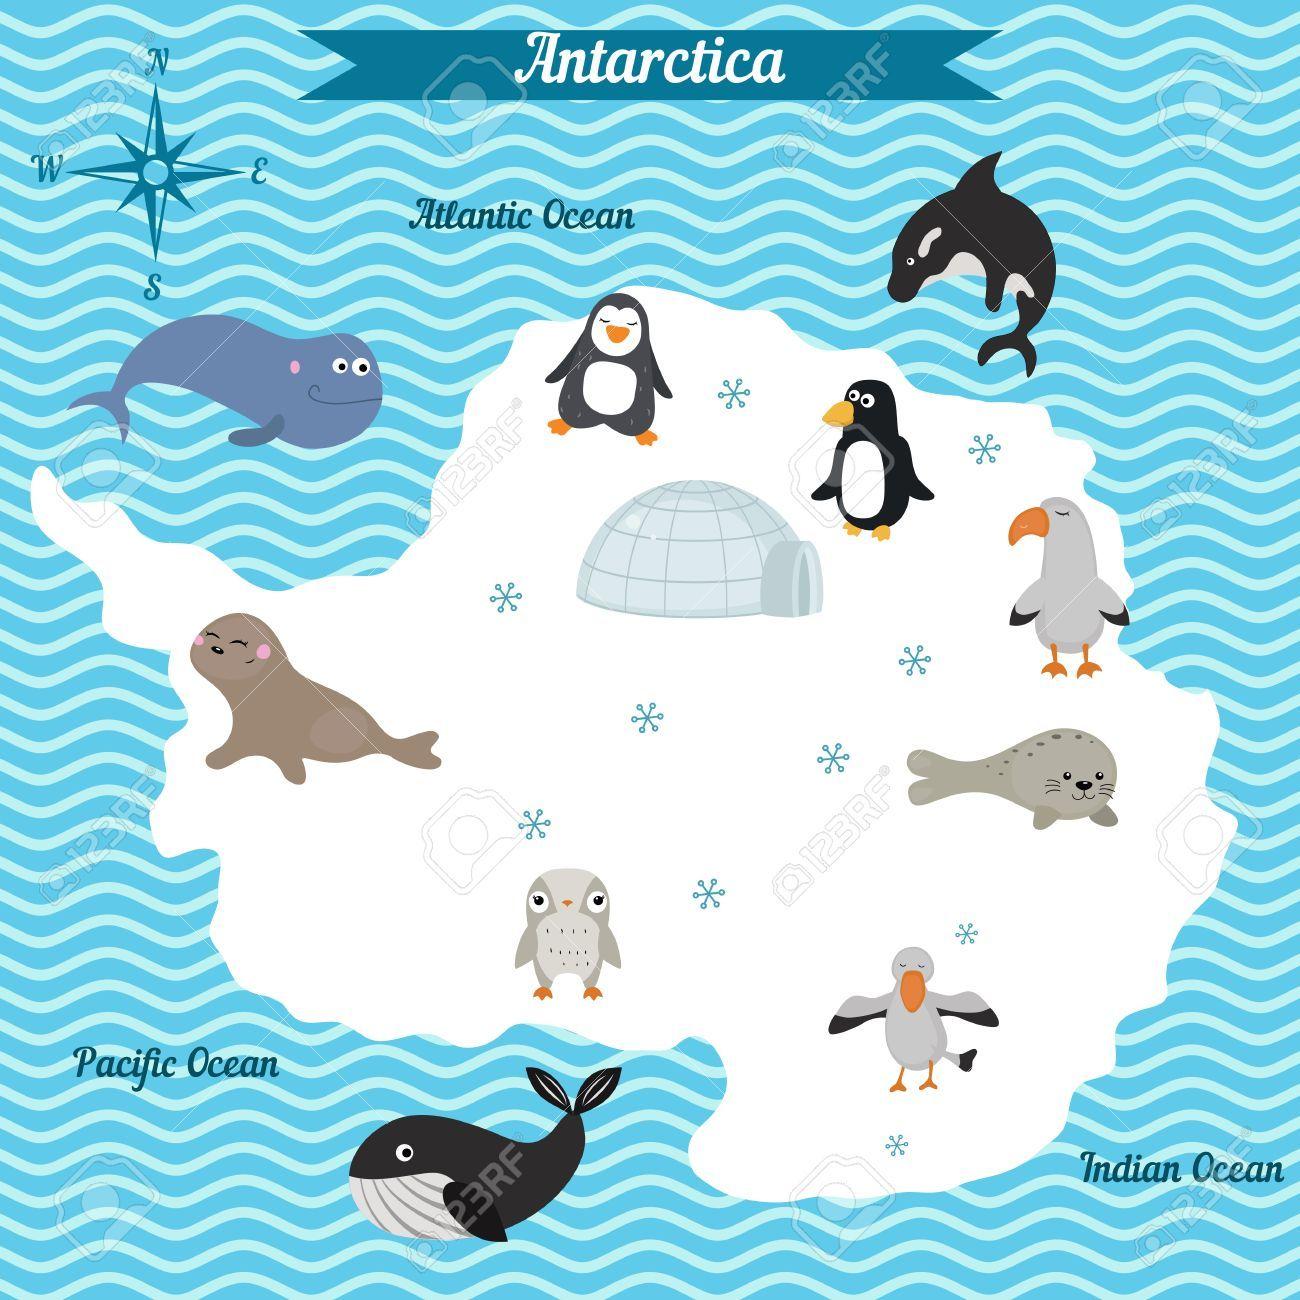 Dibujo Del Continente De Antartida Para Ninos Busqueda De Google Actividades De Reciclaje Para Ninos Mapas Para Ninos Libros Didacticos Para Ninos